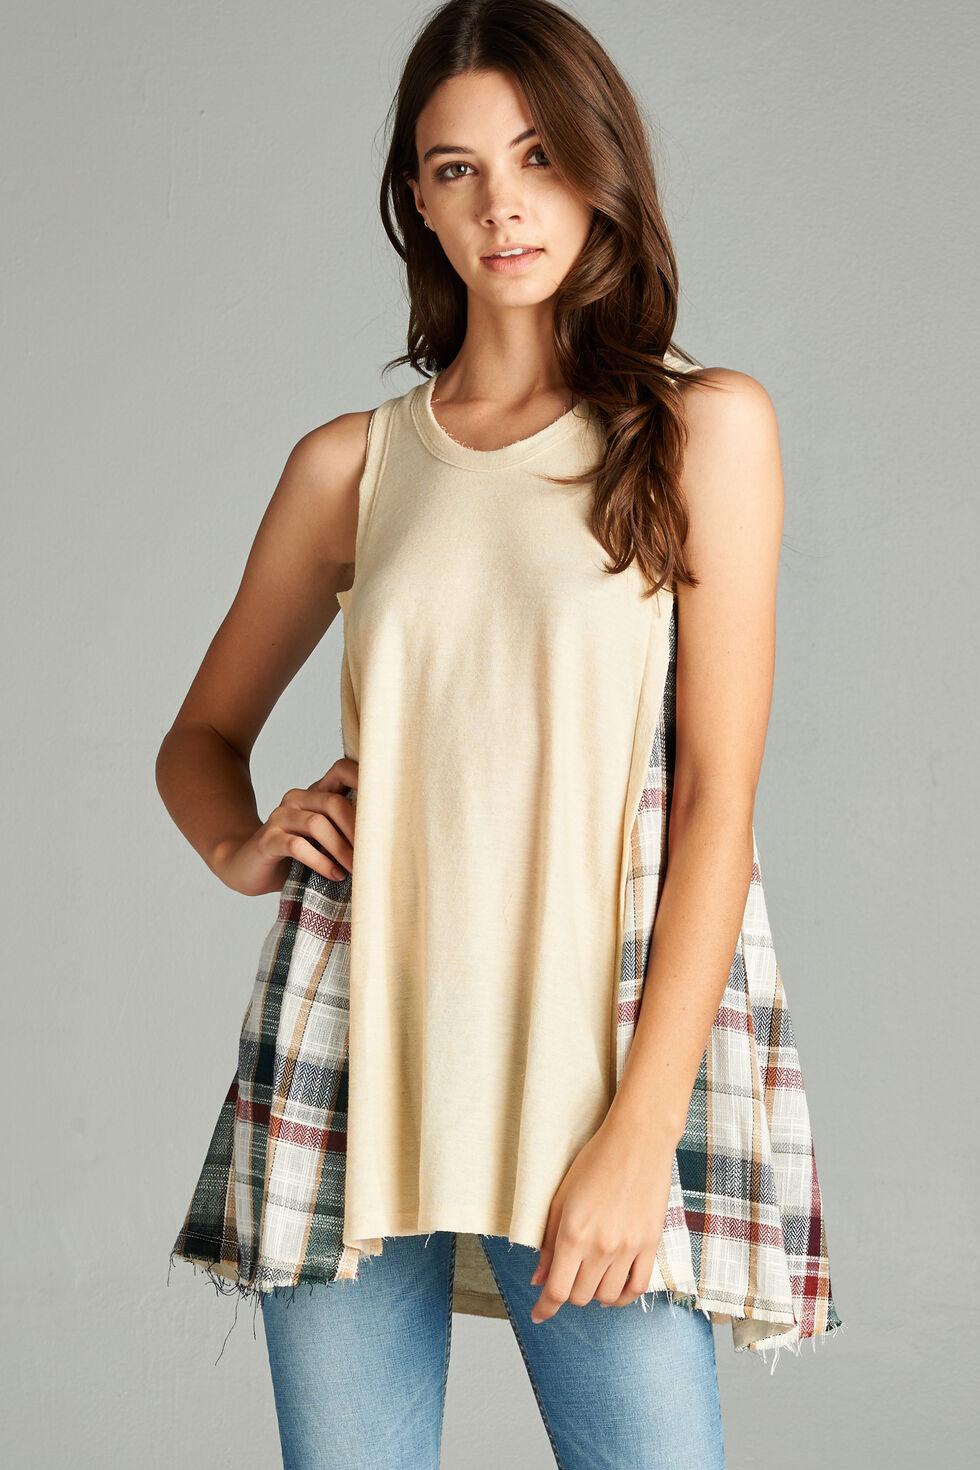 Hyku Women's Natural Plaid Contrast Tunic Top, Natural, hi-res